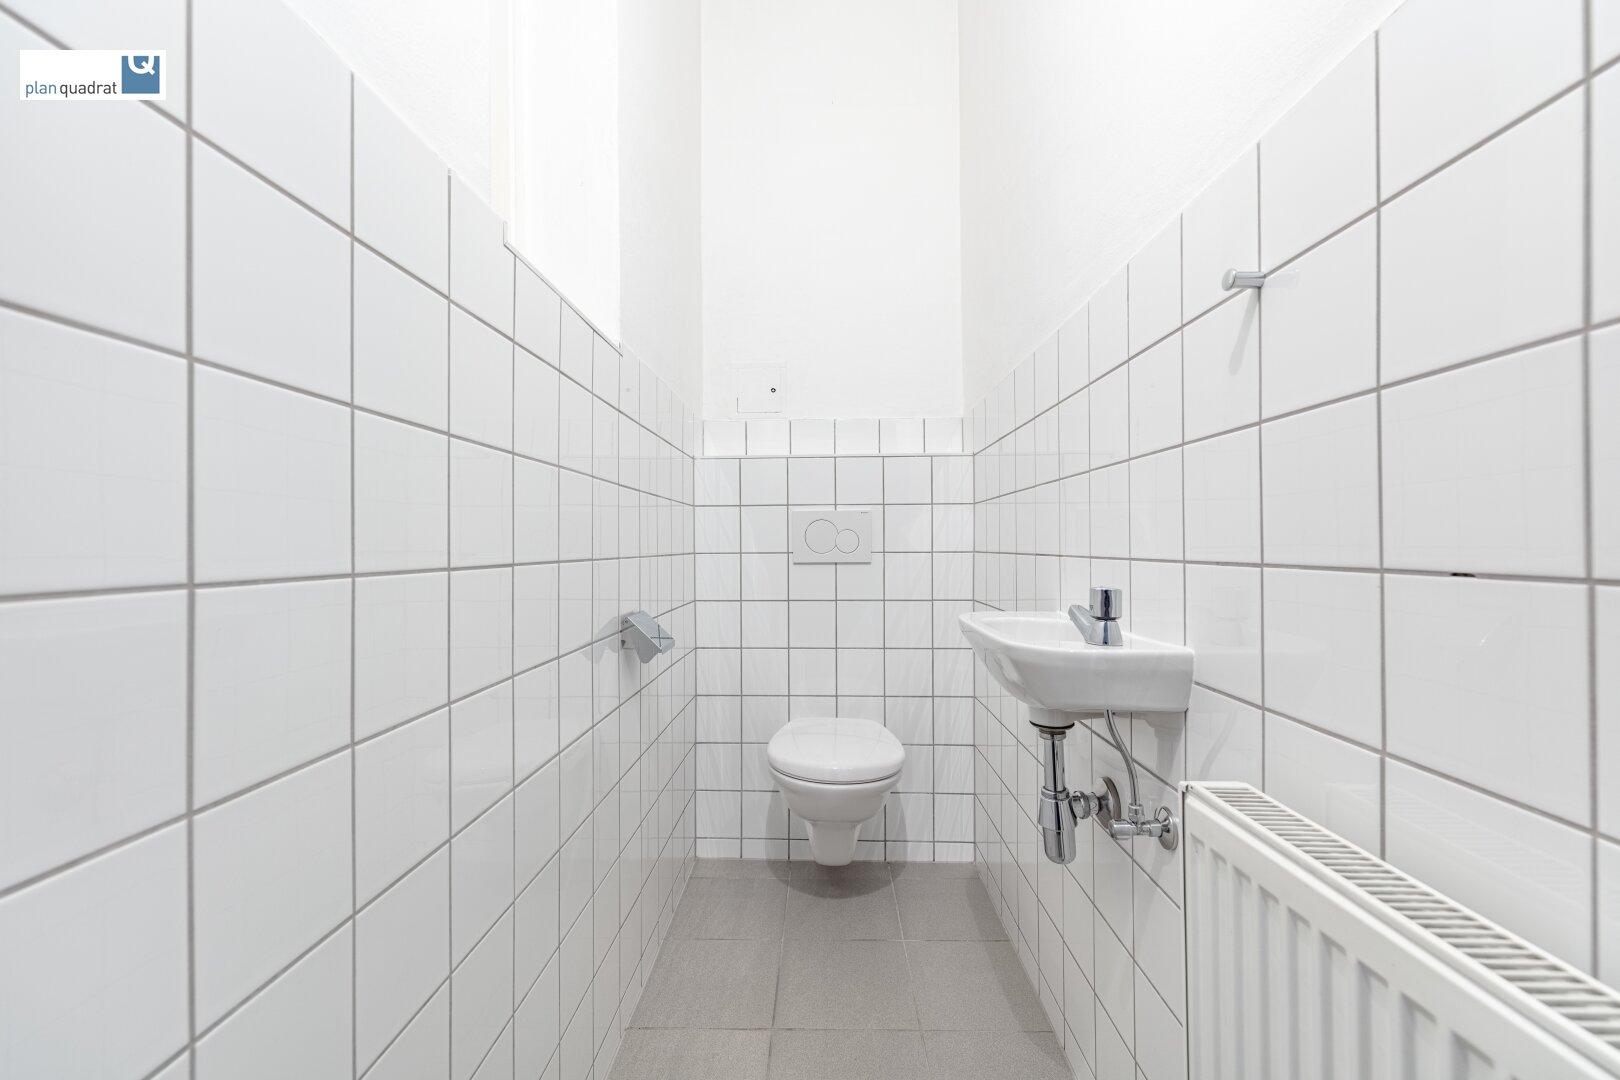 Toilette (mit Handwaschbecken und Fenster)